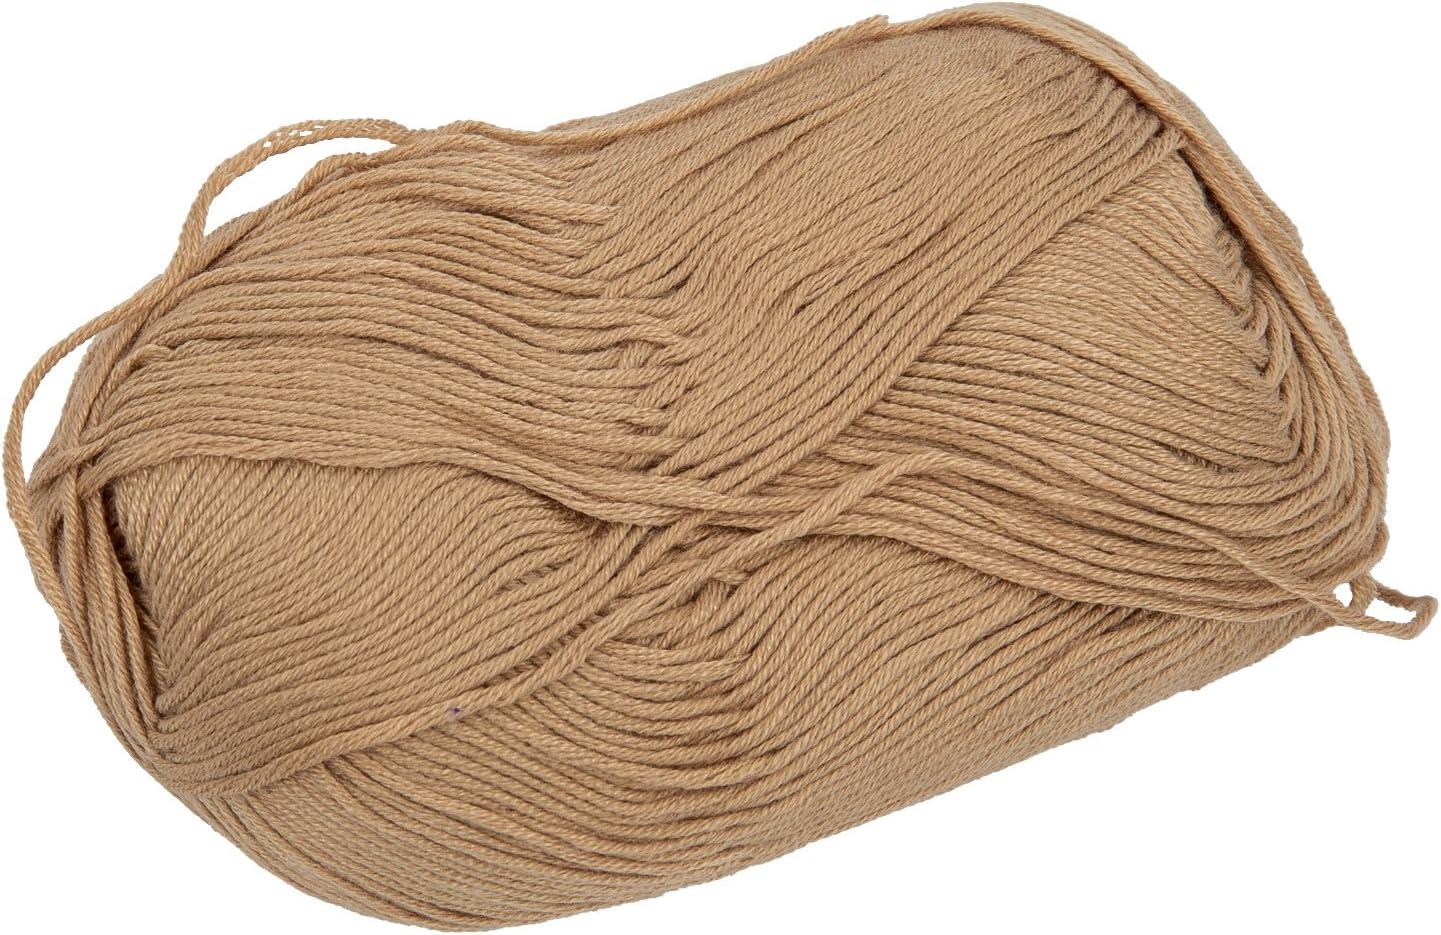 SODIAL(R) 50g tencel bambu hilados de algodon para el bebe (de color caqui) : Amazon.es: Hogar